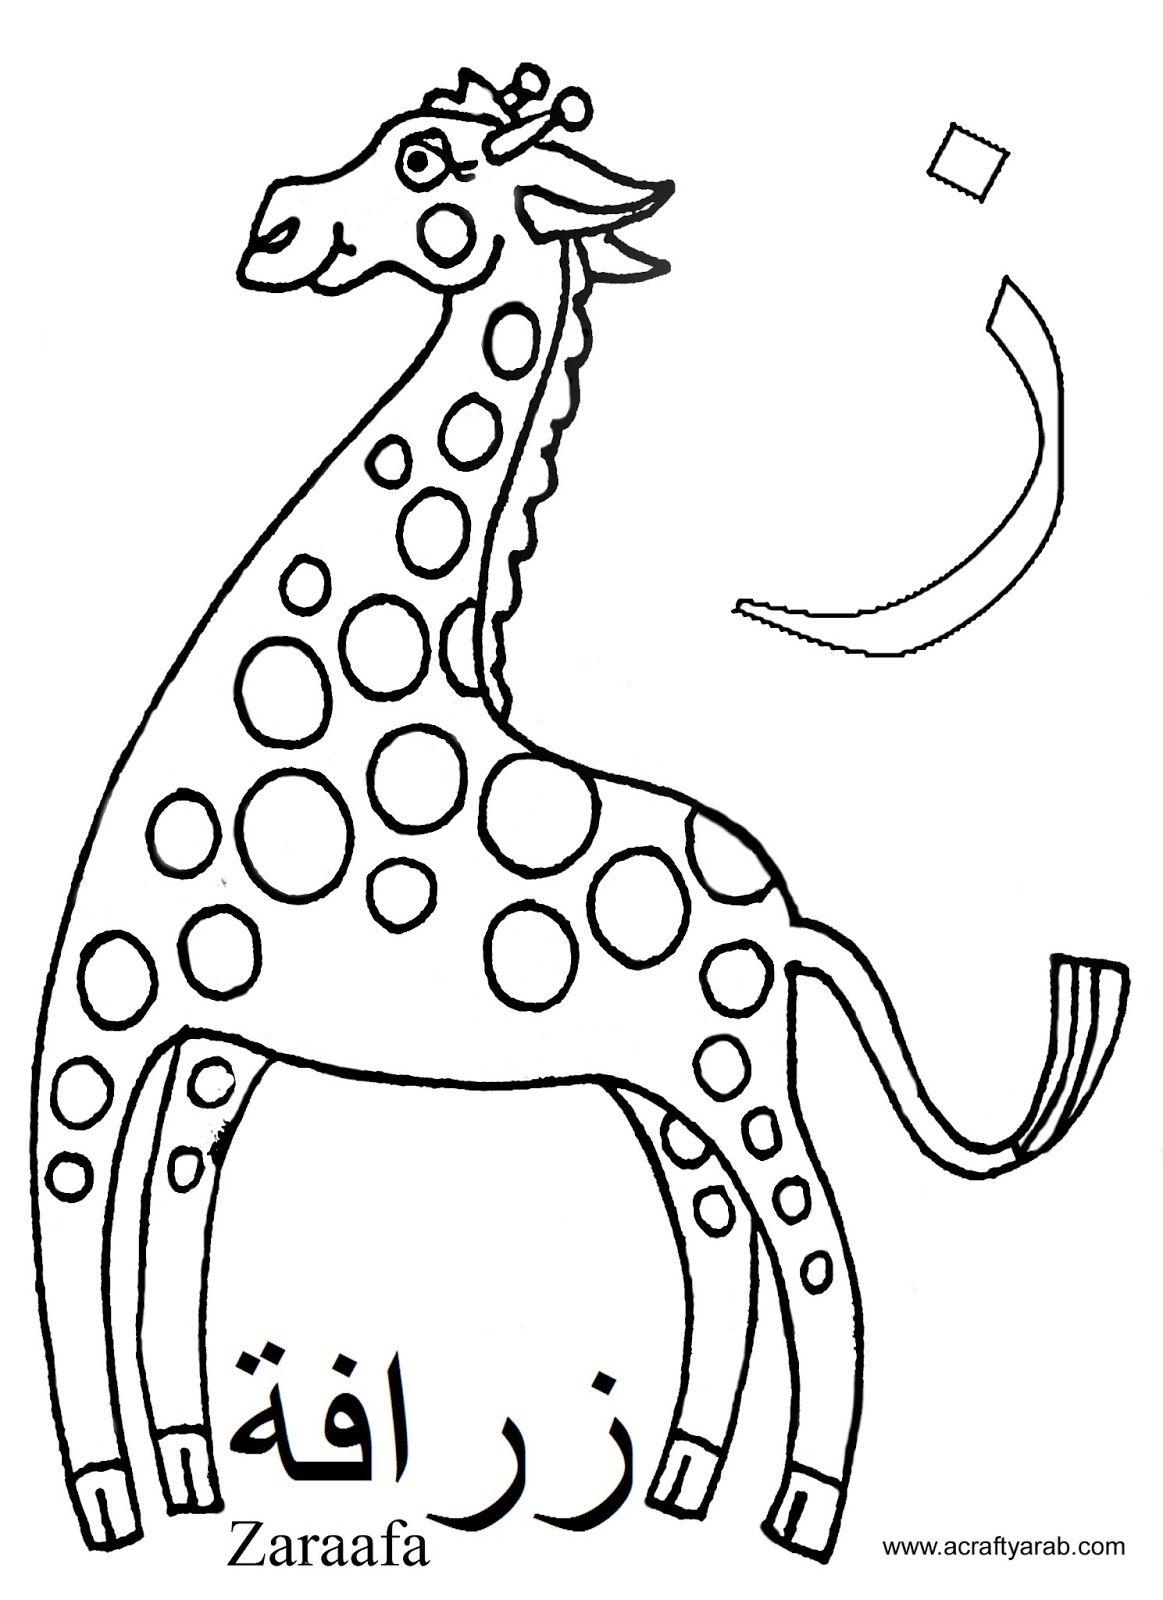 A Crafty Arab Arabic Alphabet Coloring Pages Yn Is For Zaraafa